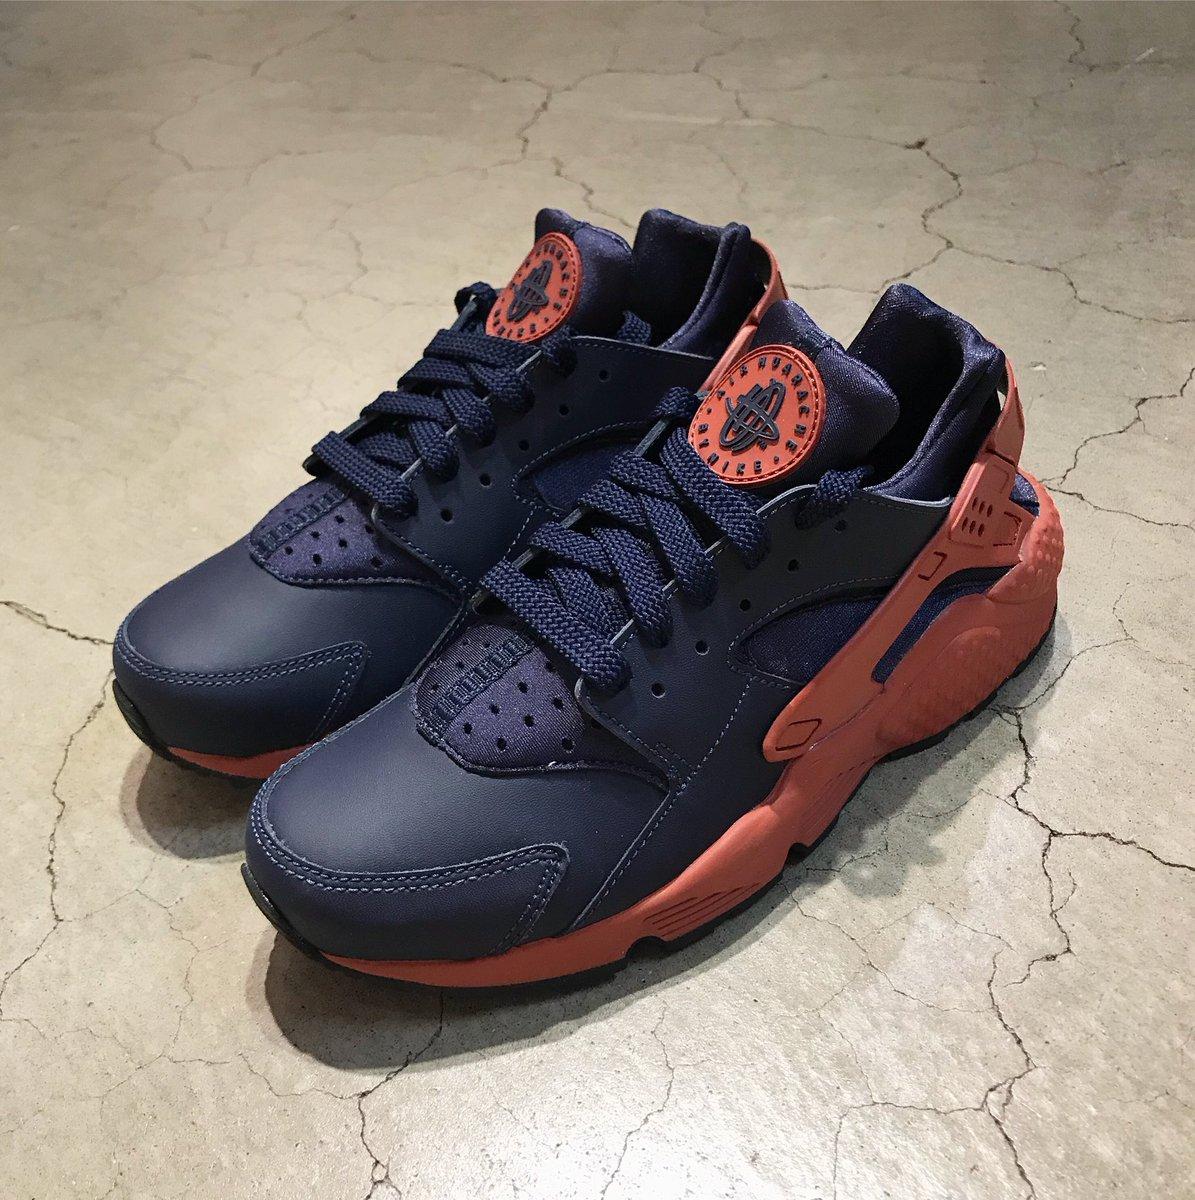 bf86c41897d1 ... NIKE AIR HUARACHE 318429-417 Nike Air Max 90 Essential Obsidian Mars  Stone ...